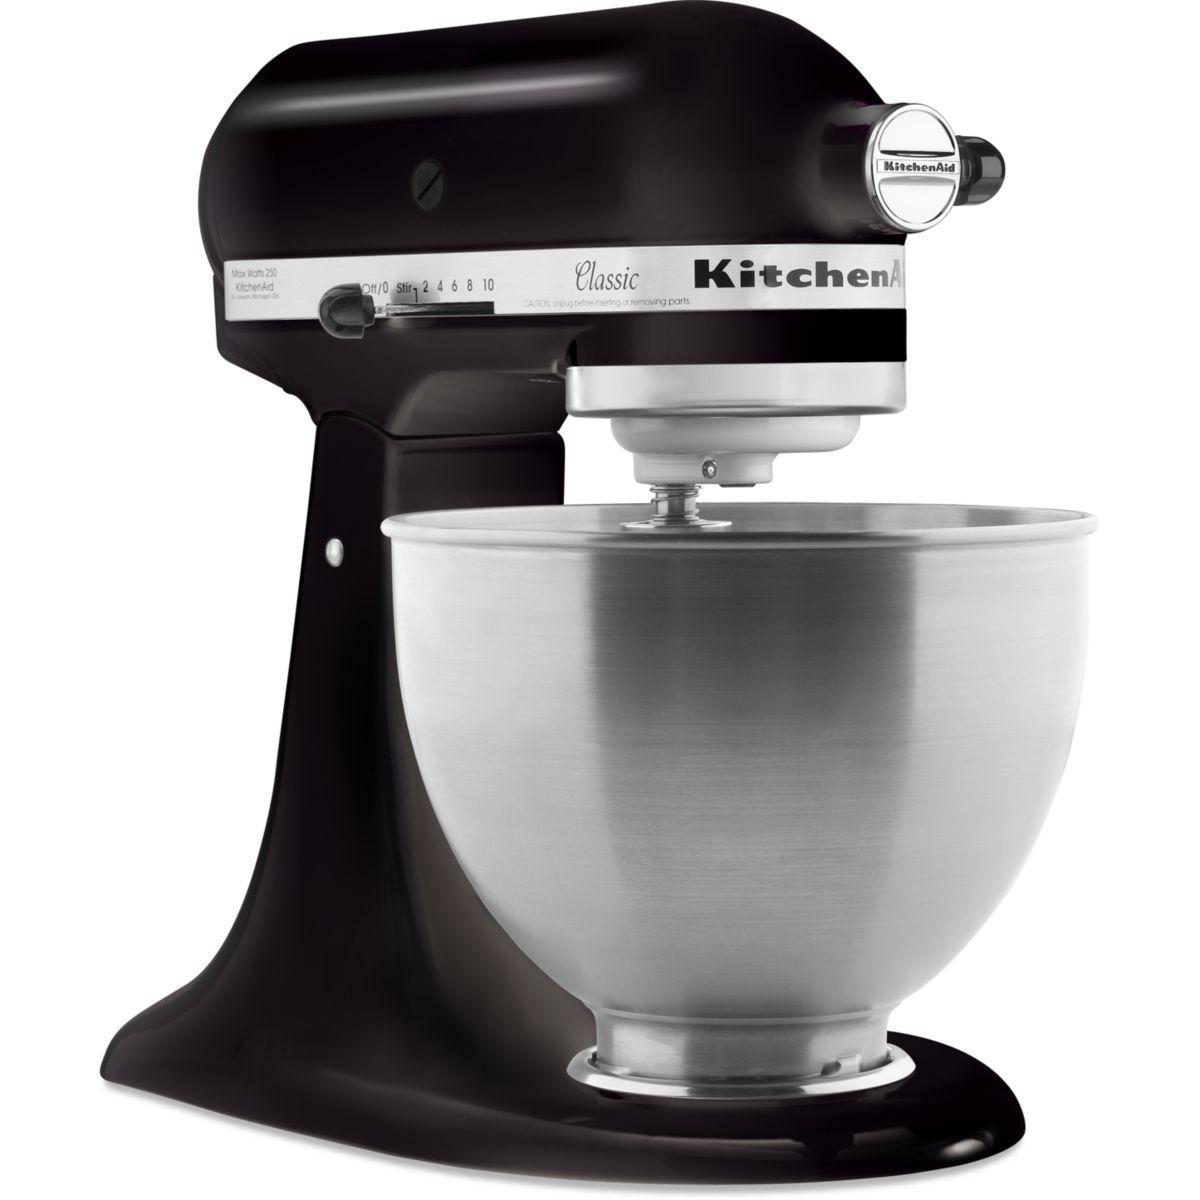 Robot p�tissier kitchenaid 5k45ss eob noir classic (photo)